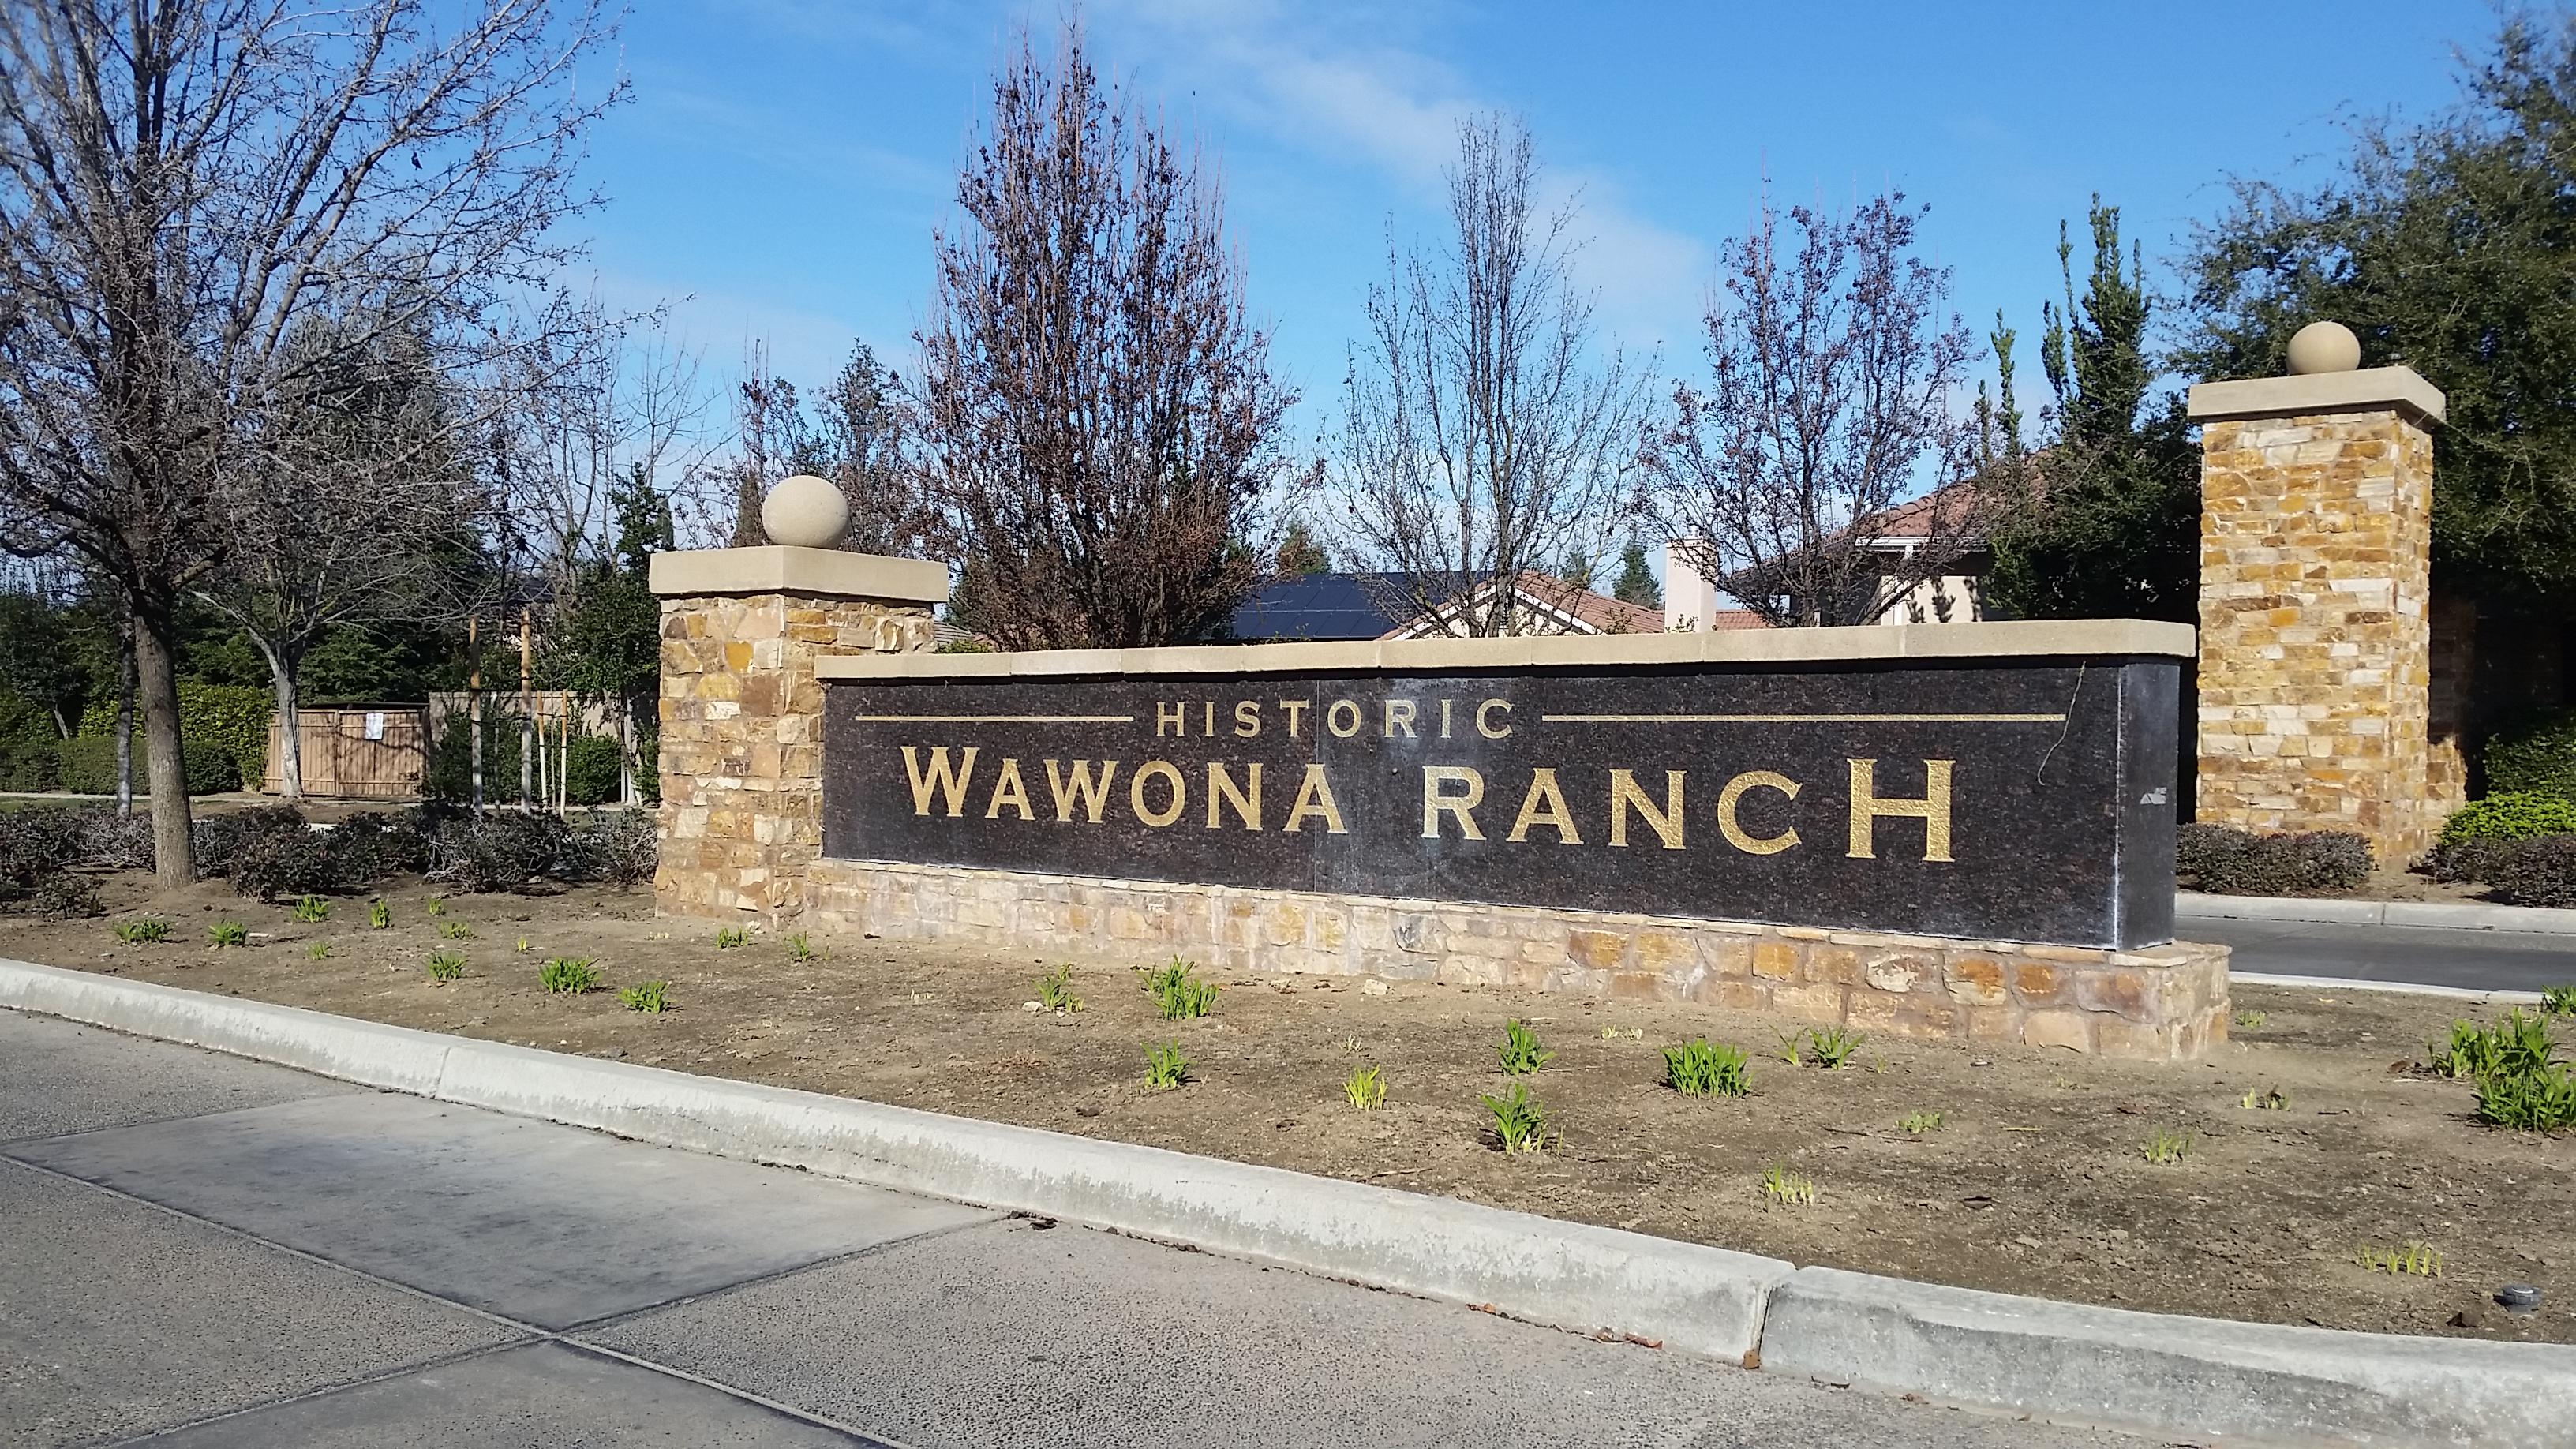 Wawona Ranch